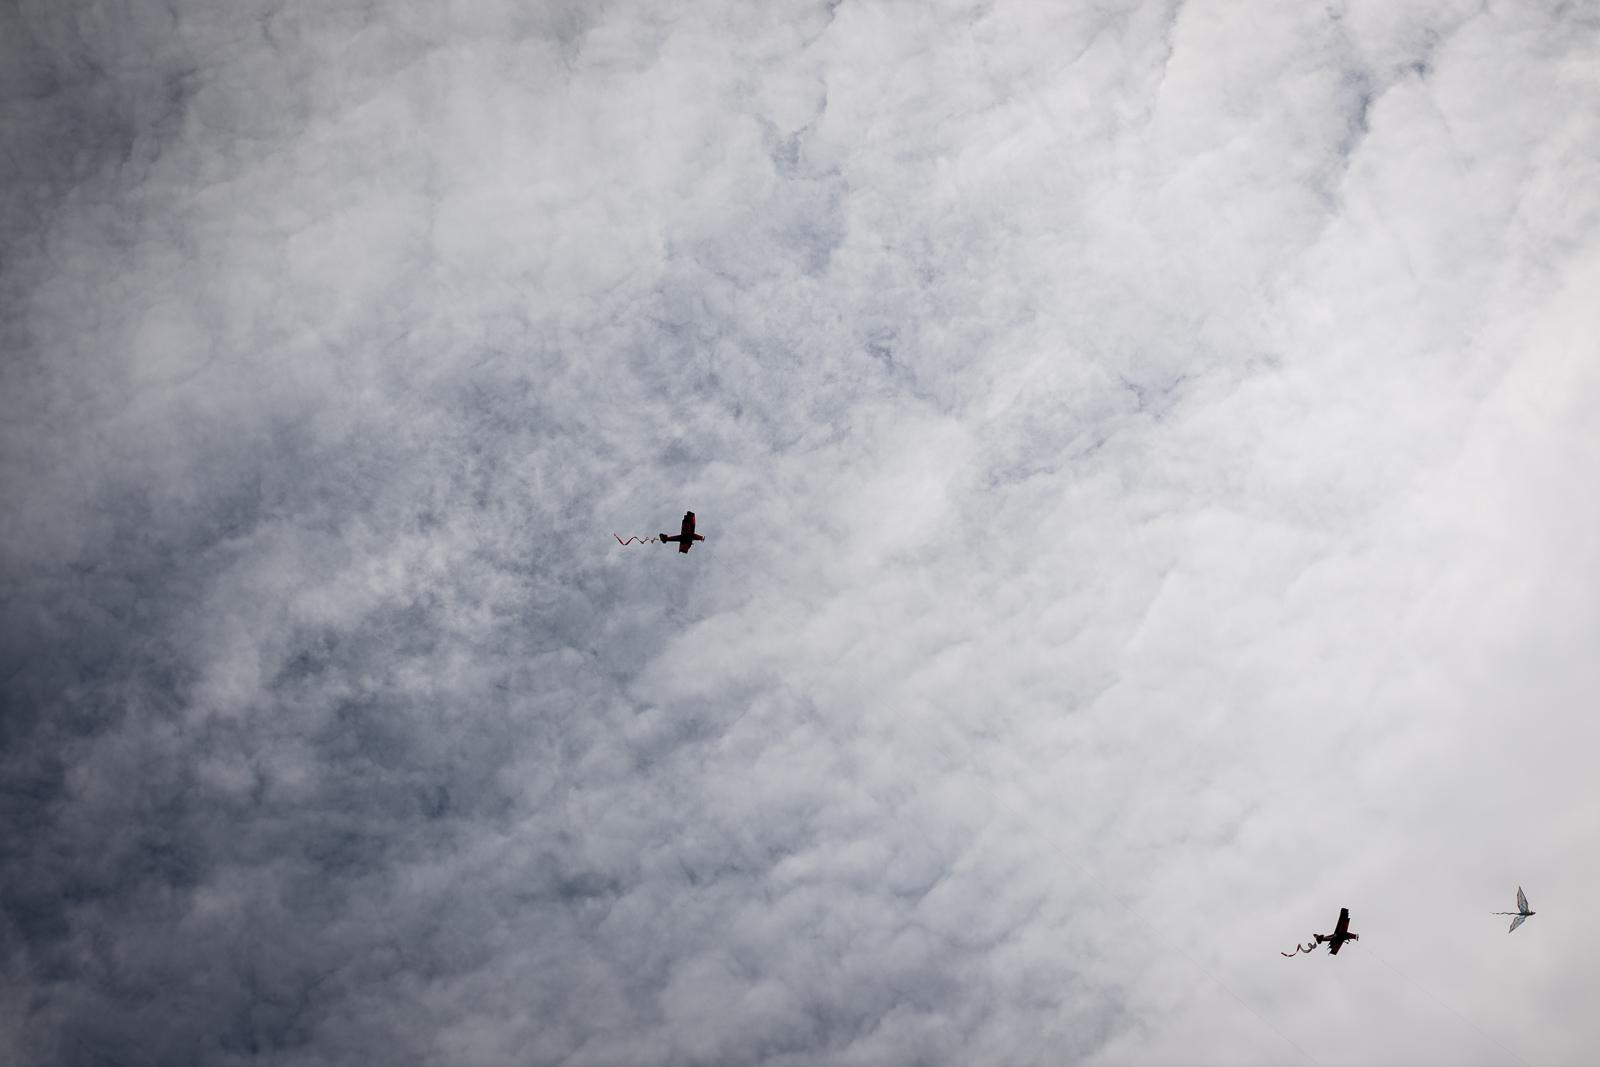 kite-festival-2019-blog-30.jpg